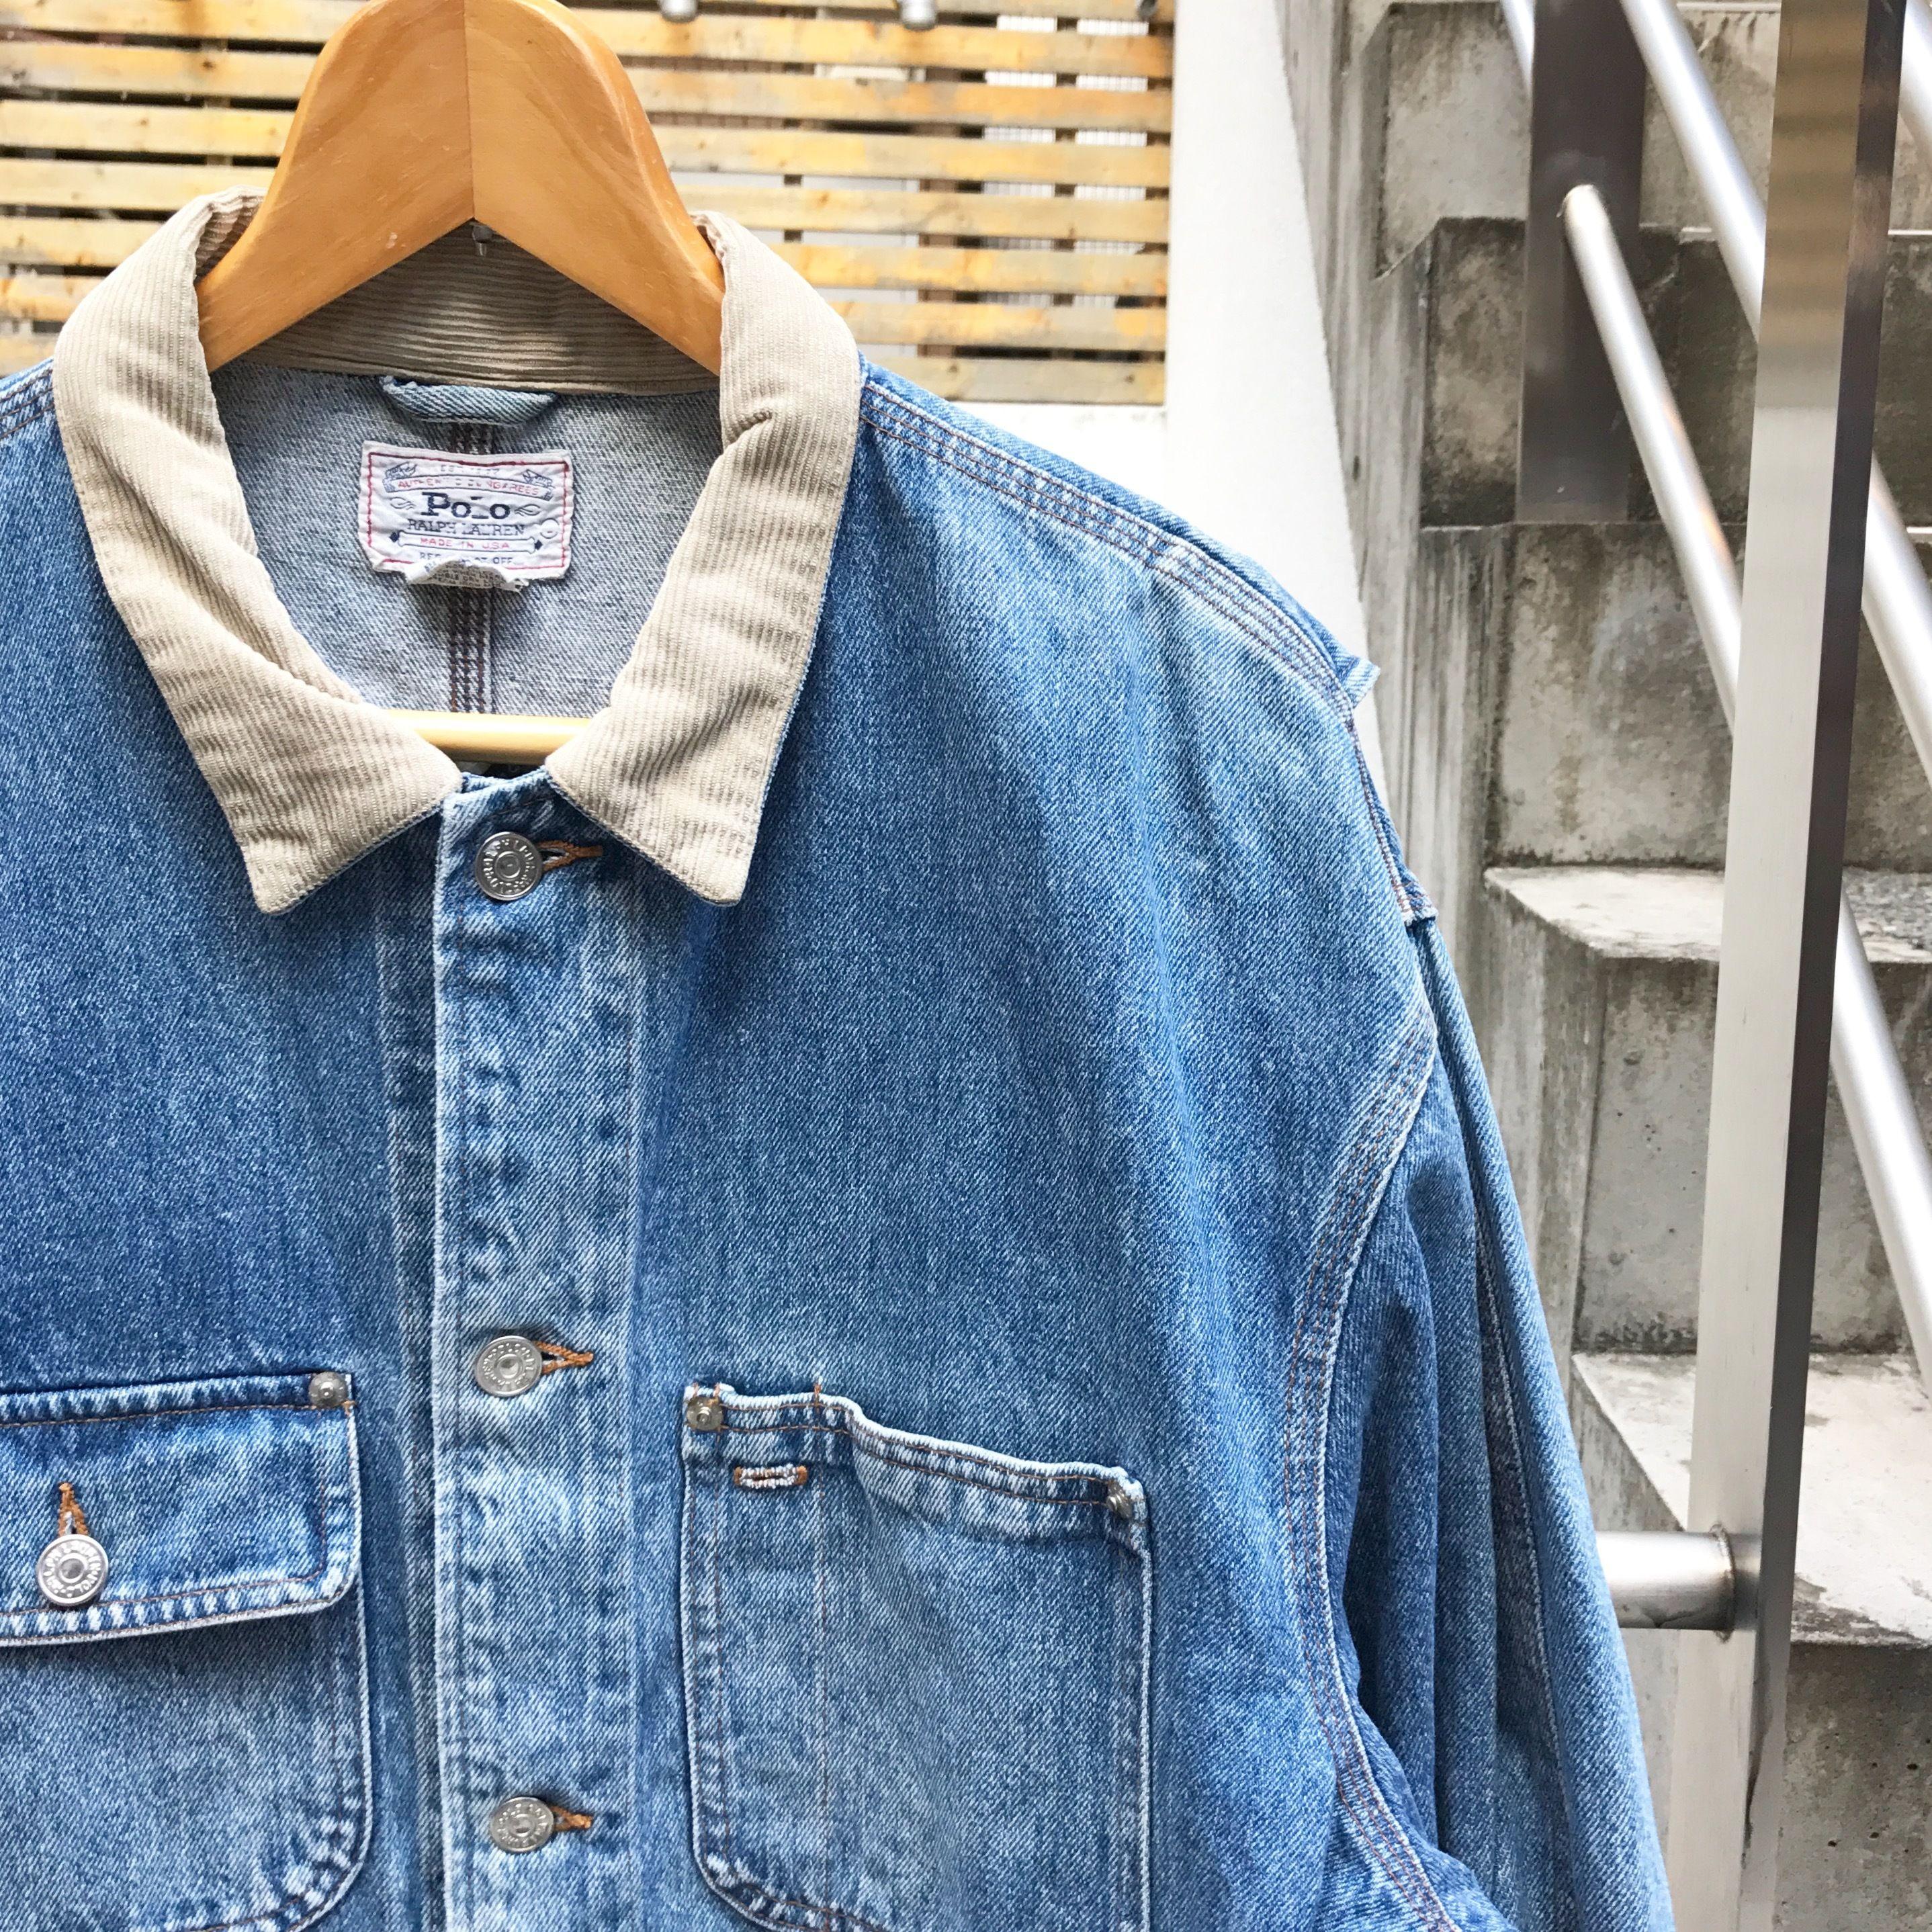 Polo Ralph Lauren/ポロラルフローレン デニムジャケット 80年代 Made  In USA  (USED)